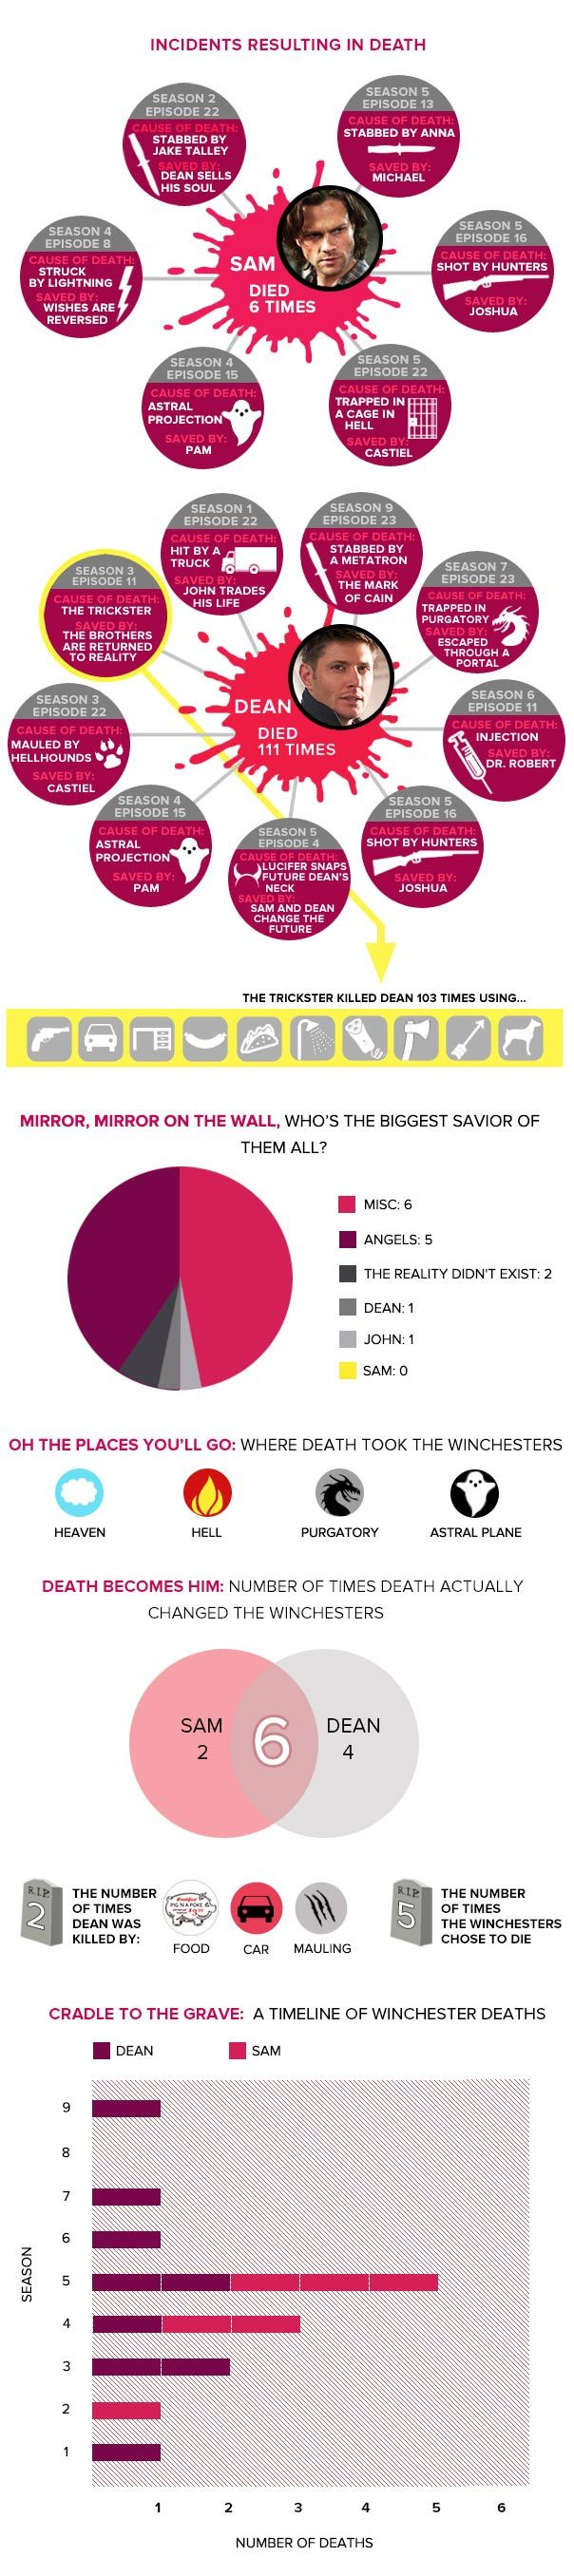 Les nombreuses morts de Sam et Dean dans Supernatural (Infographic) - Critictoo Séries TV